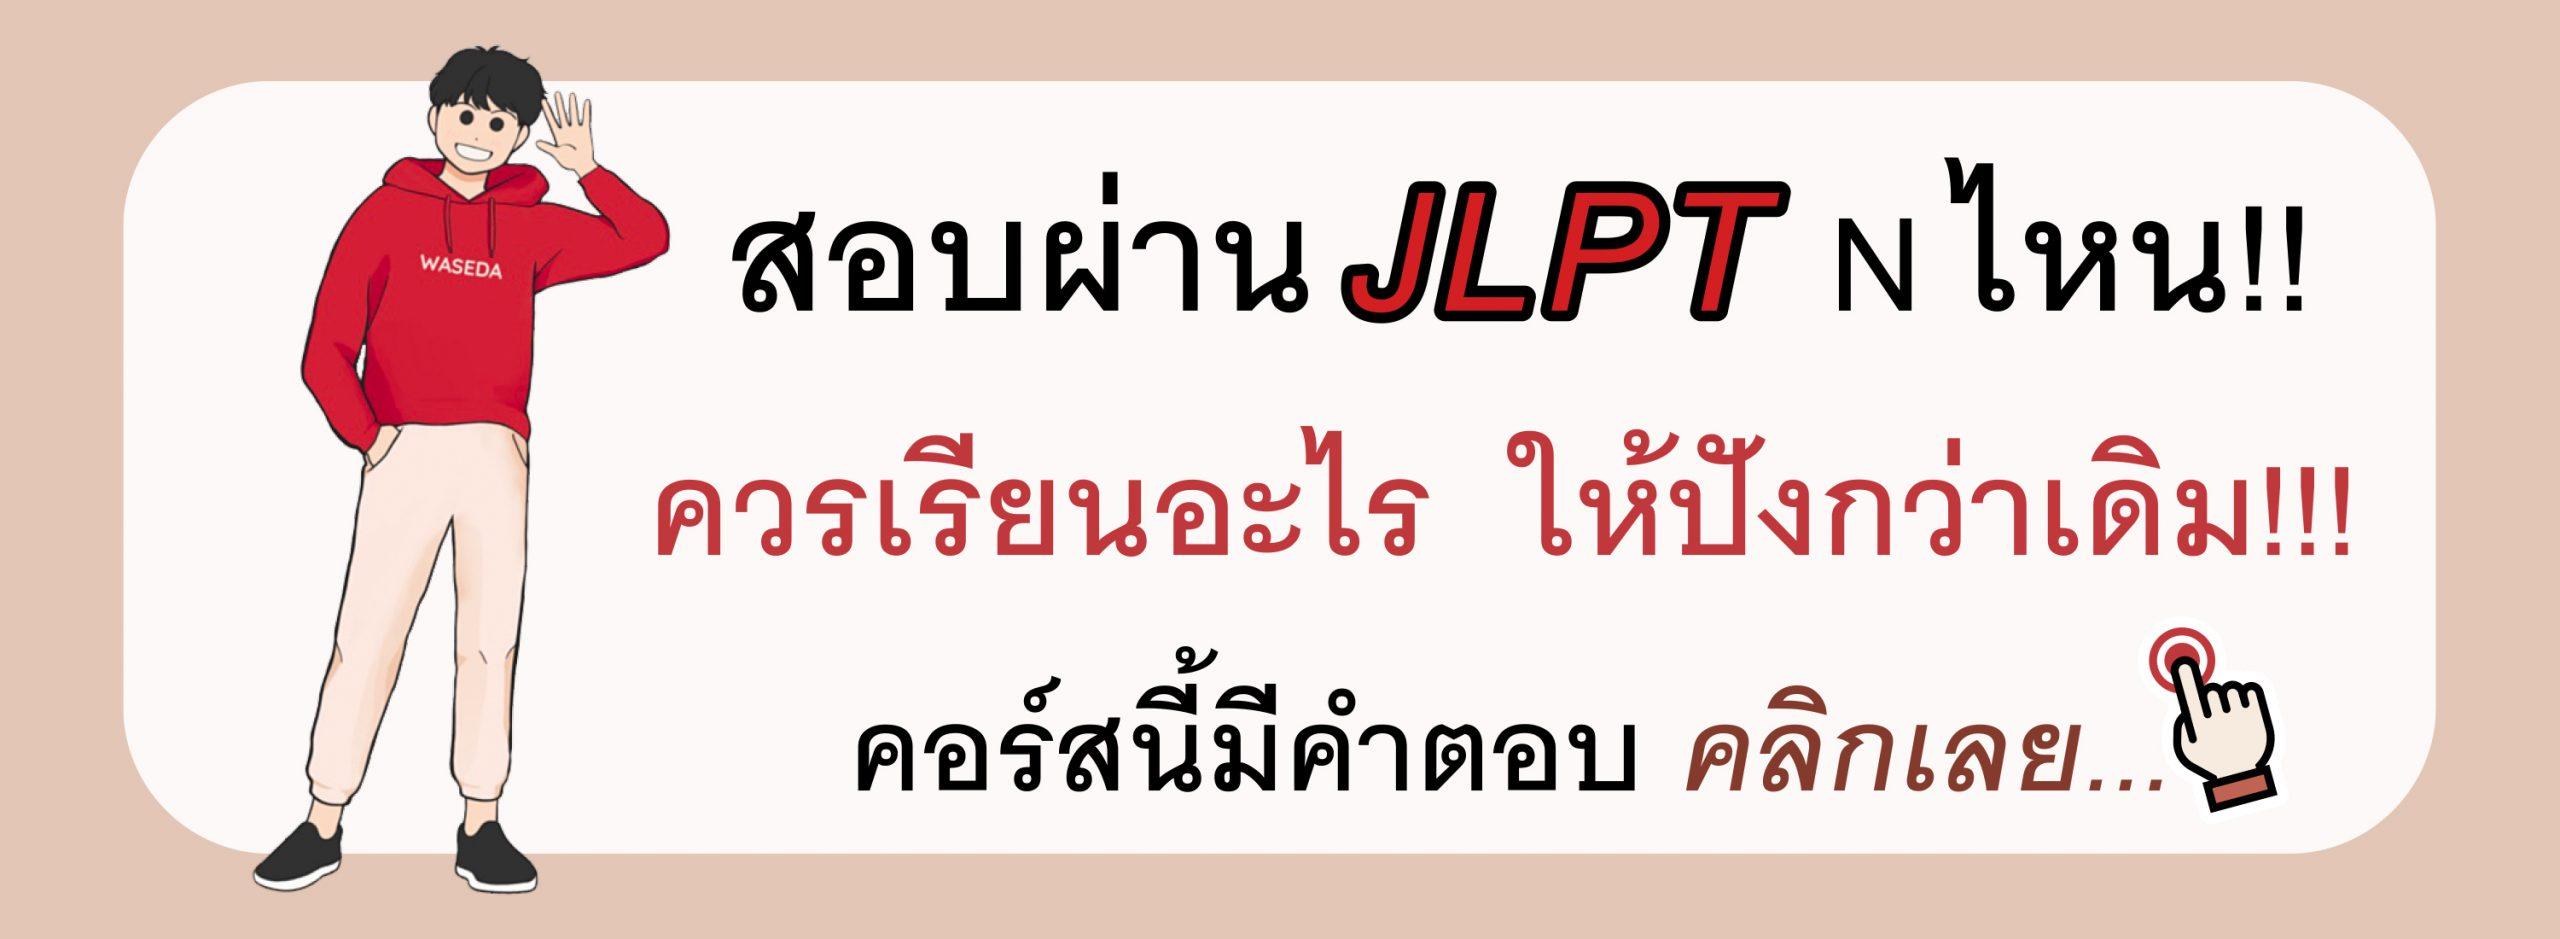 ติว JLPT